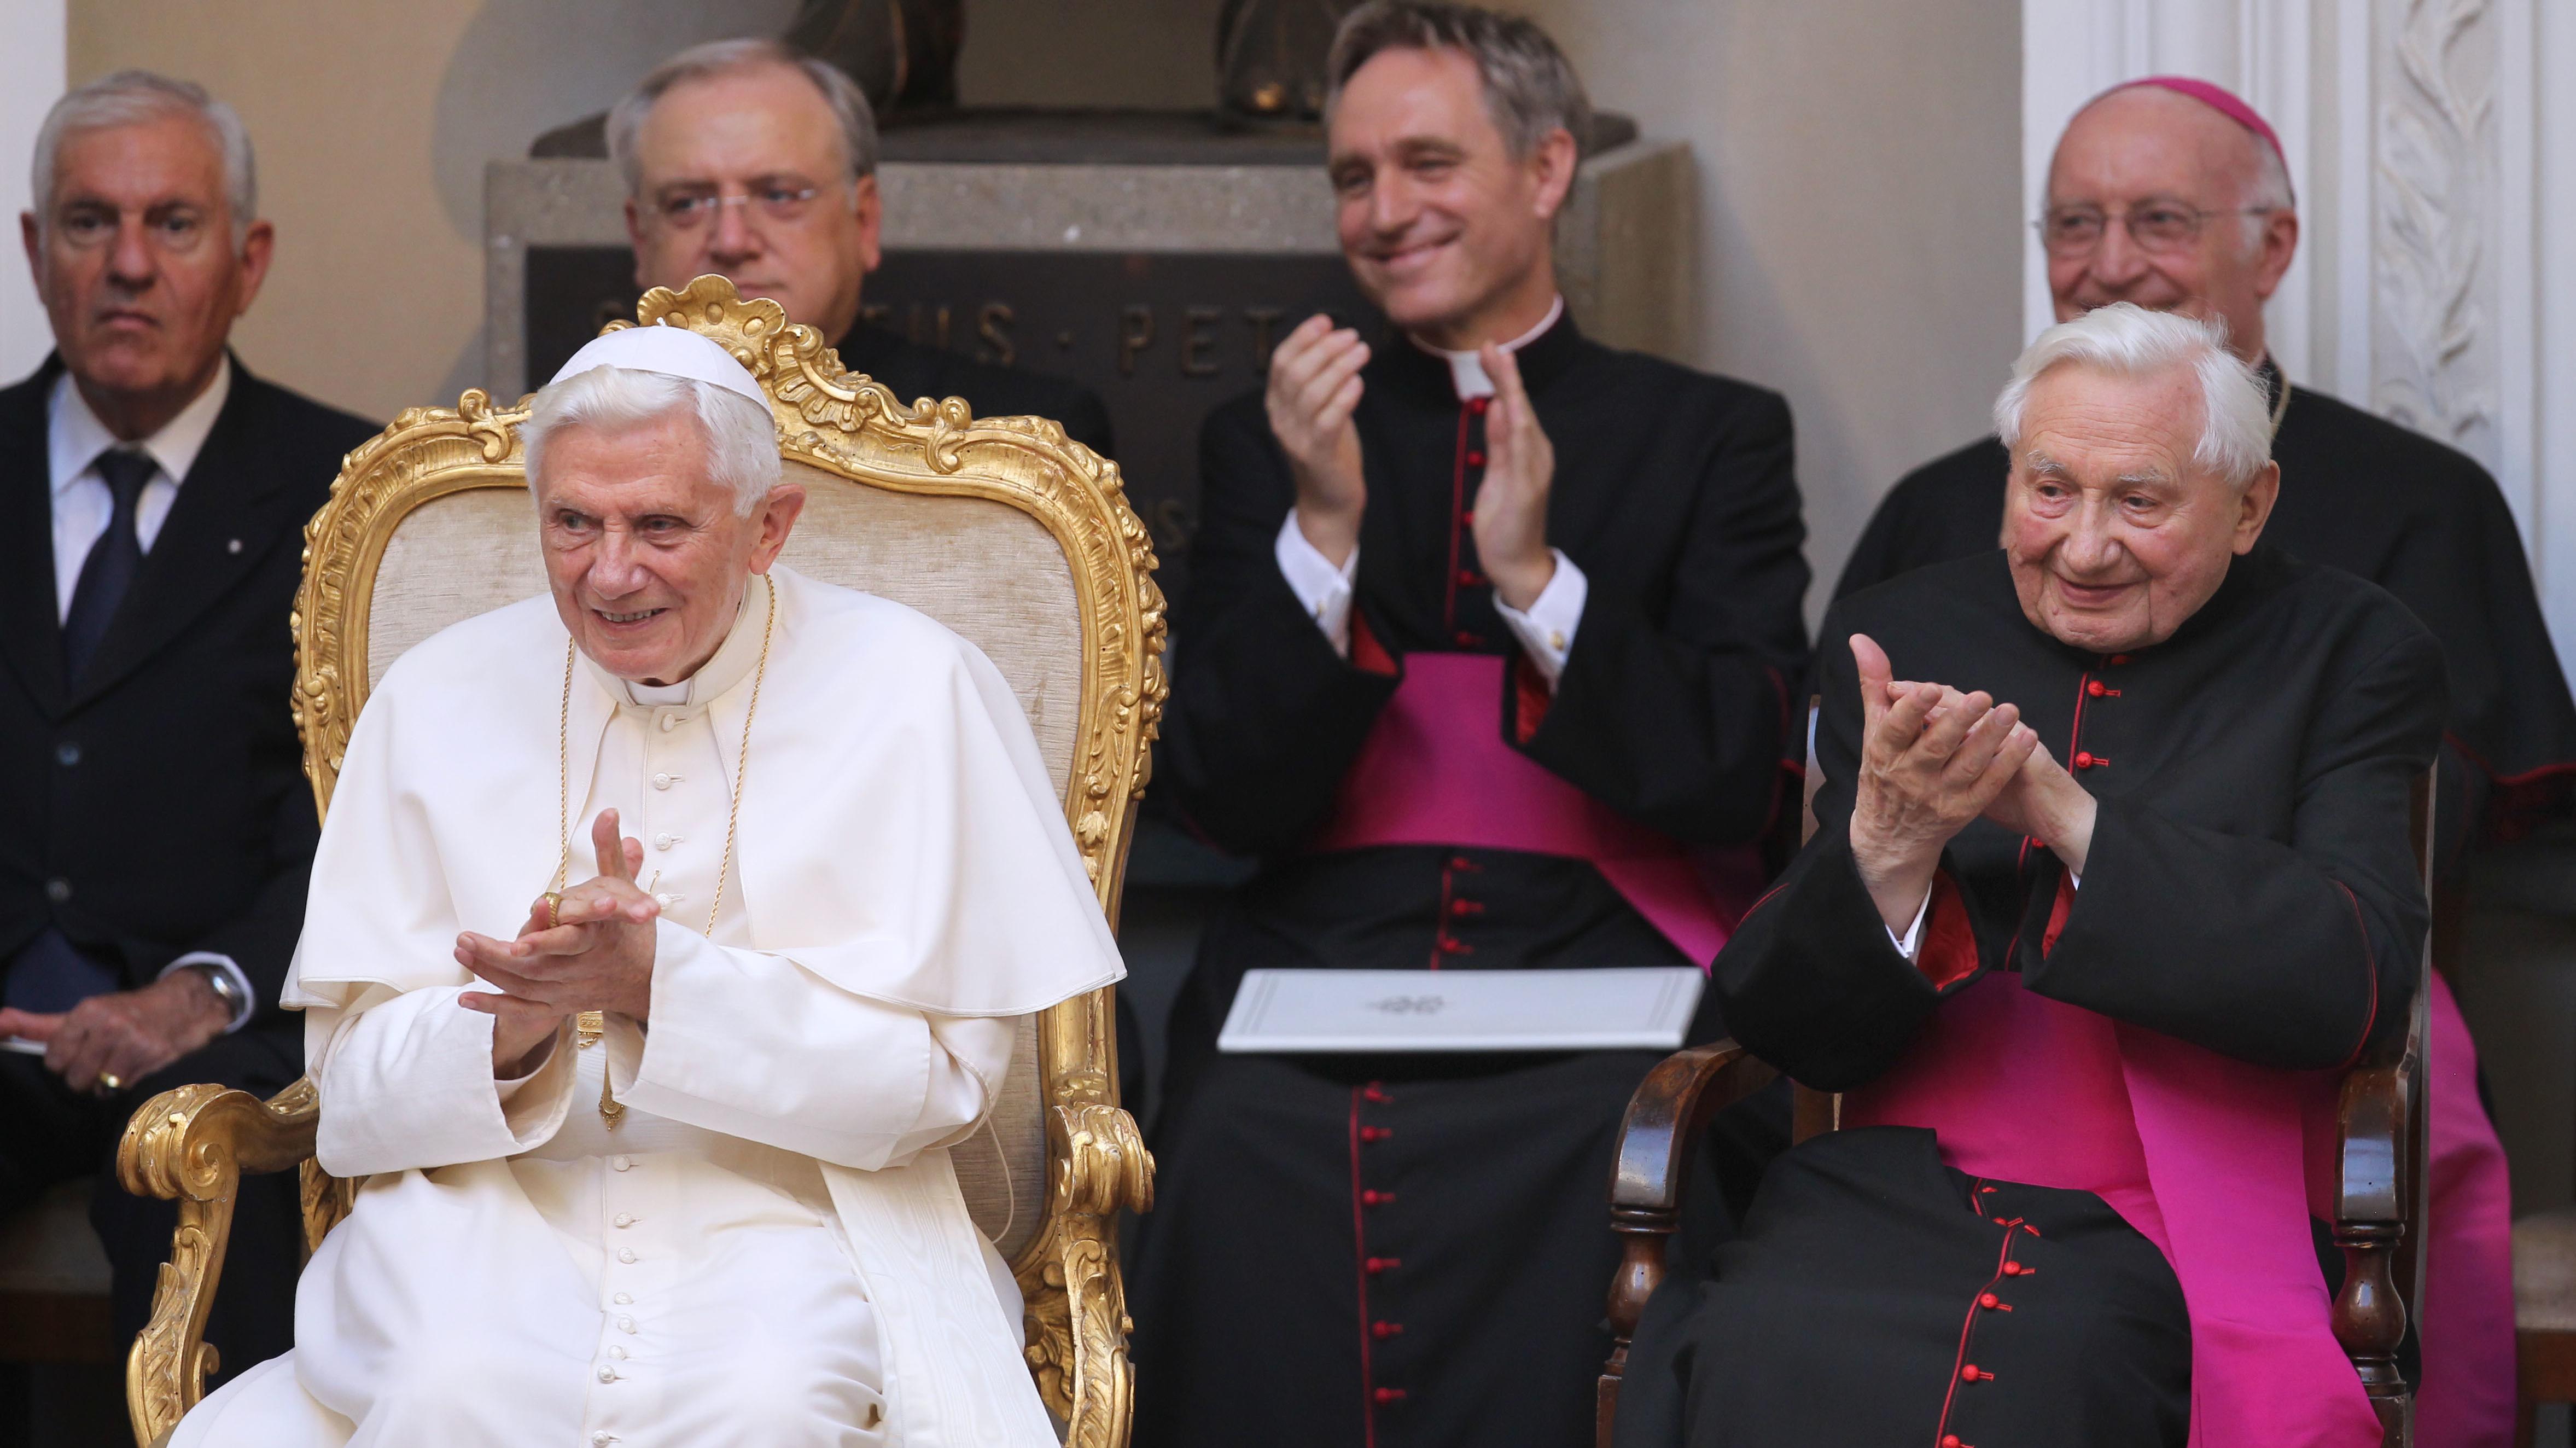 Immer wieder besucht Georg Ratzinger seinen Bruder in Rom. Der Silvesterbesuch sei Tradition.